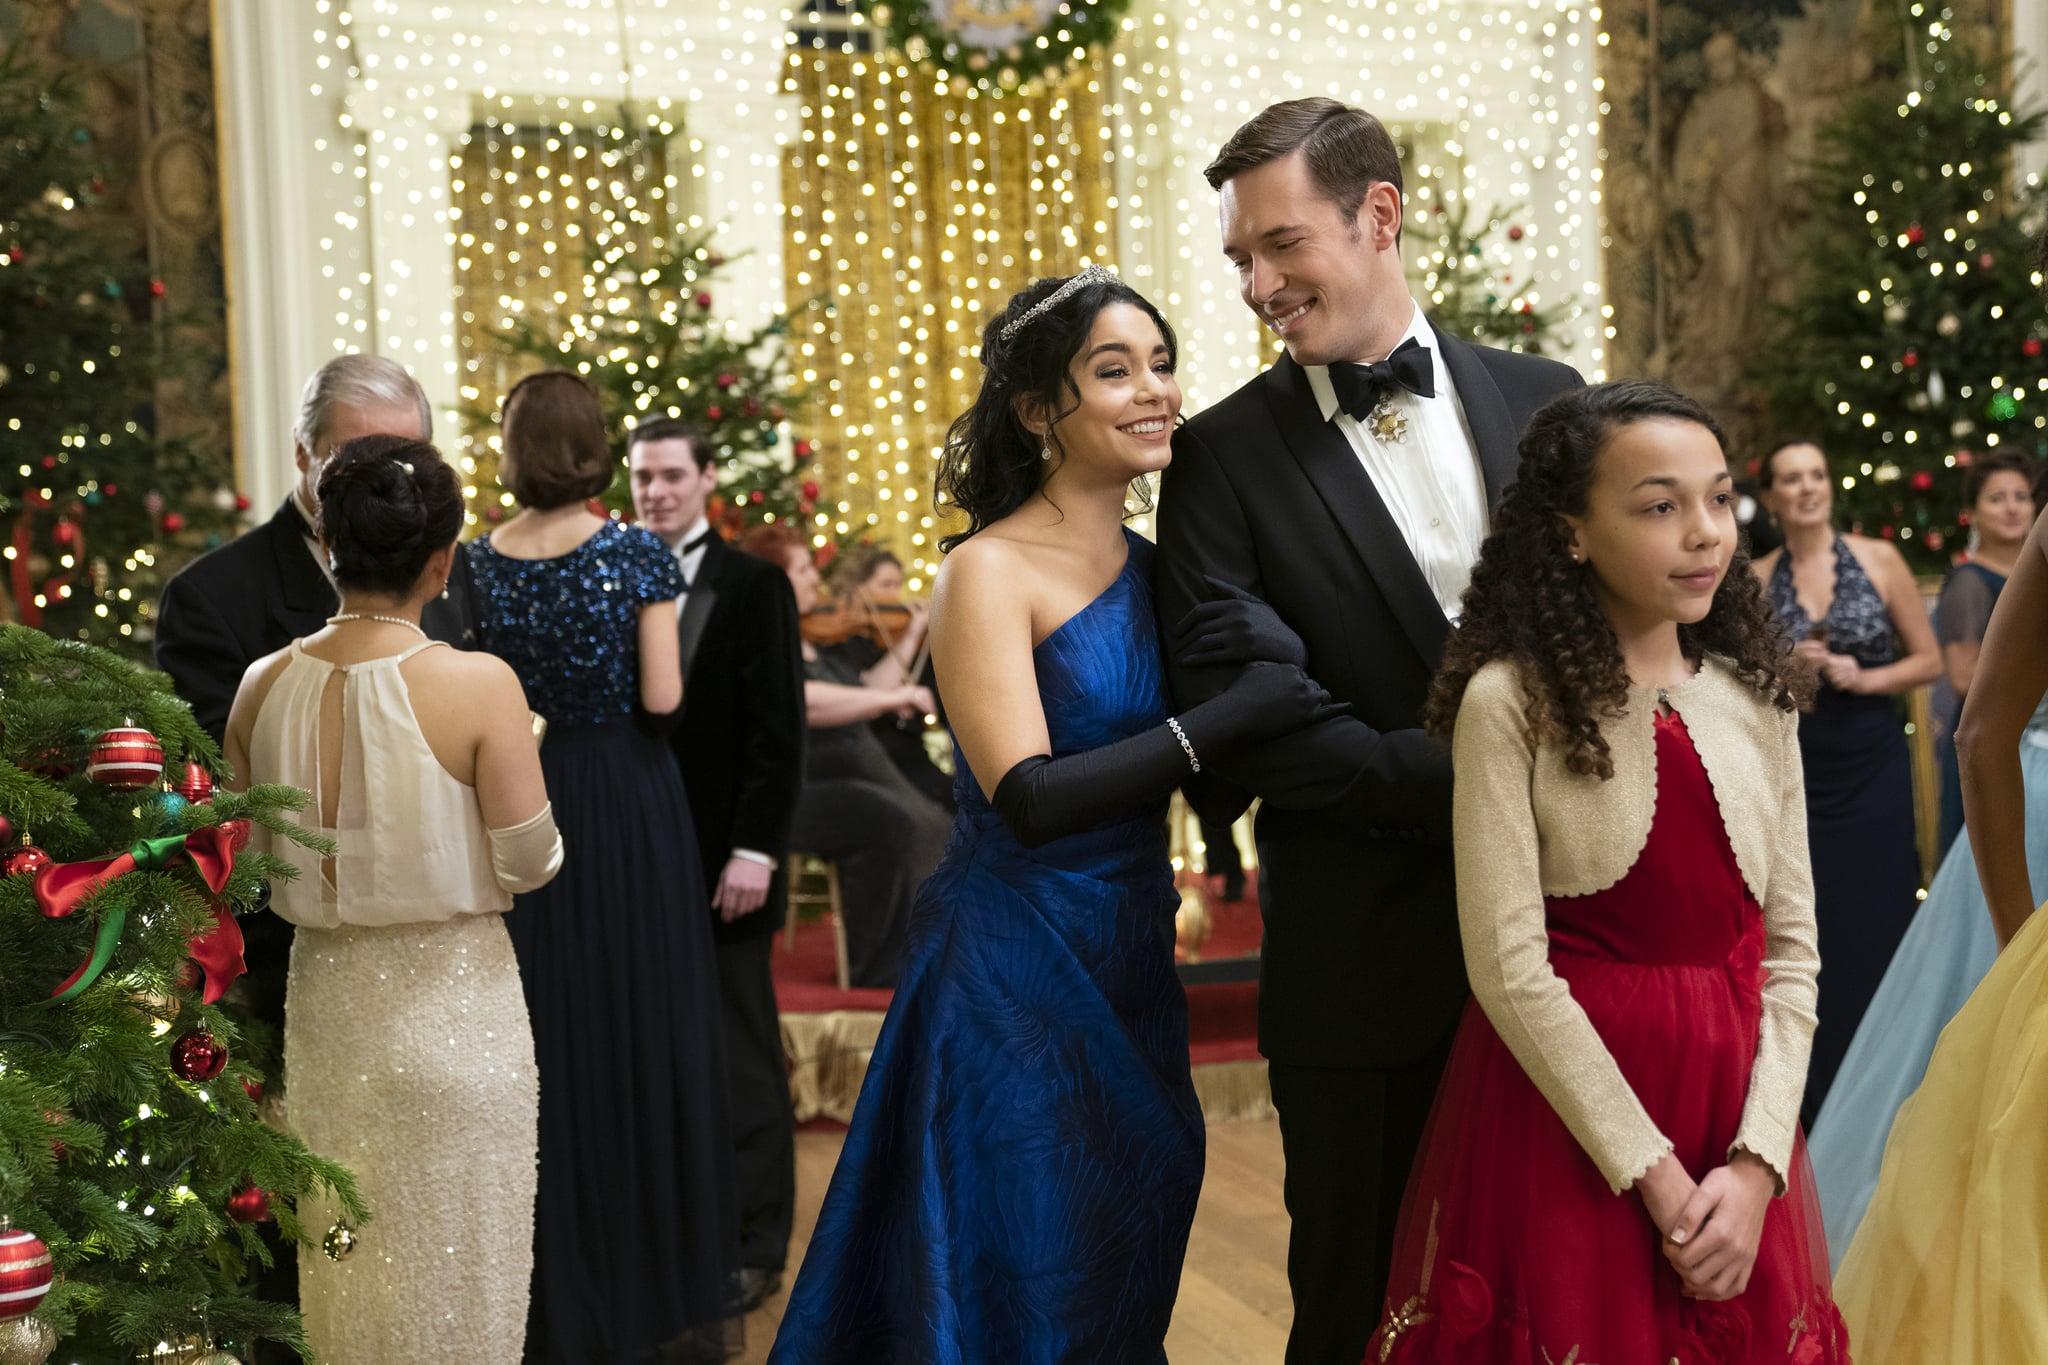 Il ballo di Natale film dove è girato